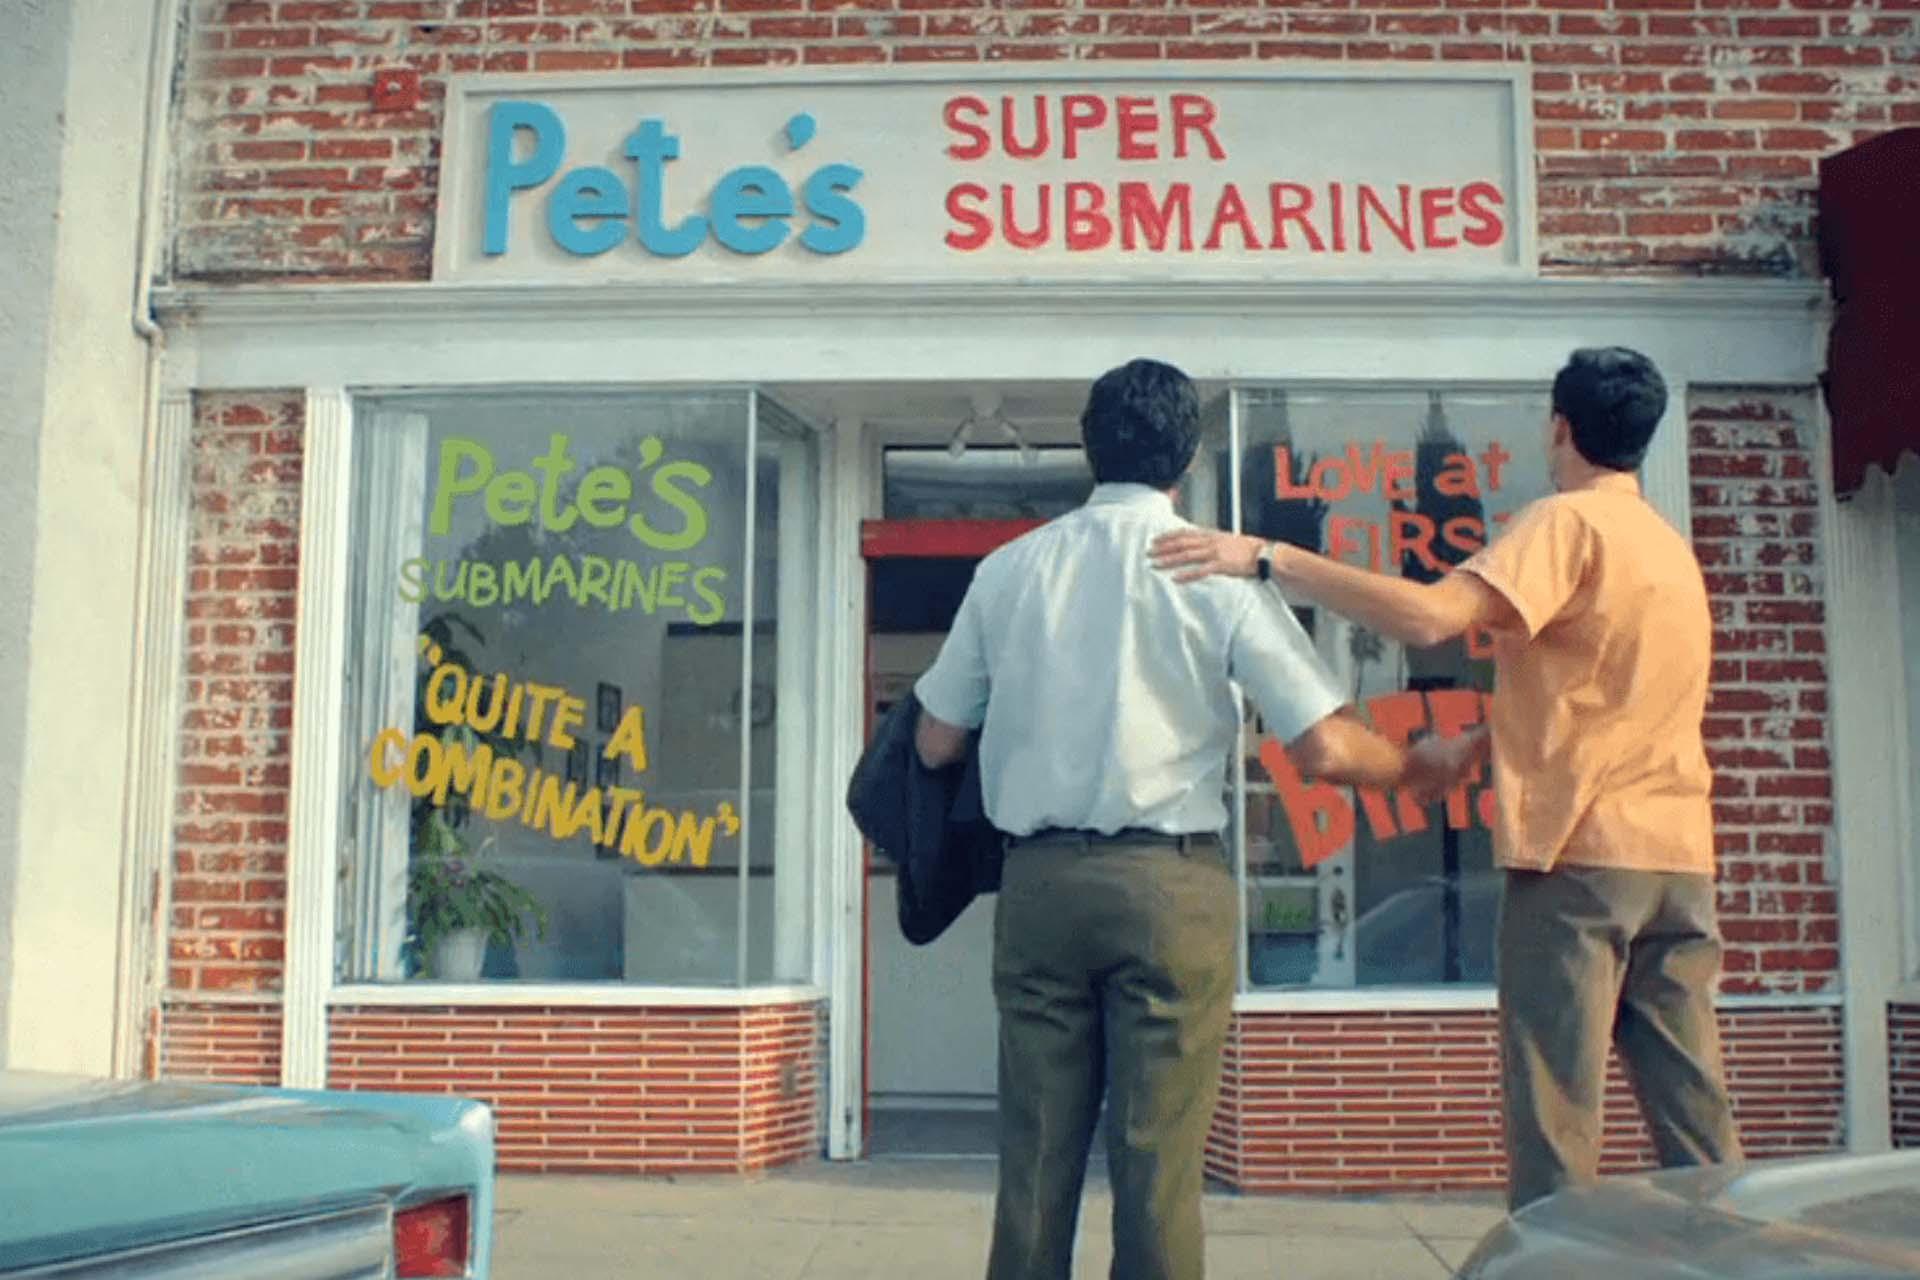 Pete s Super Submarines